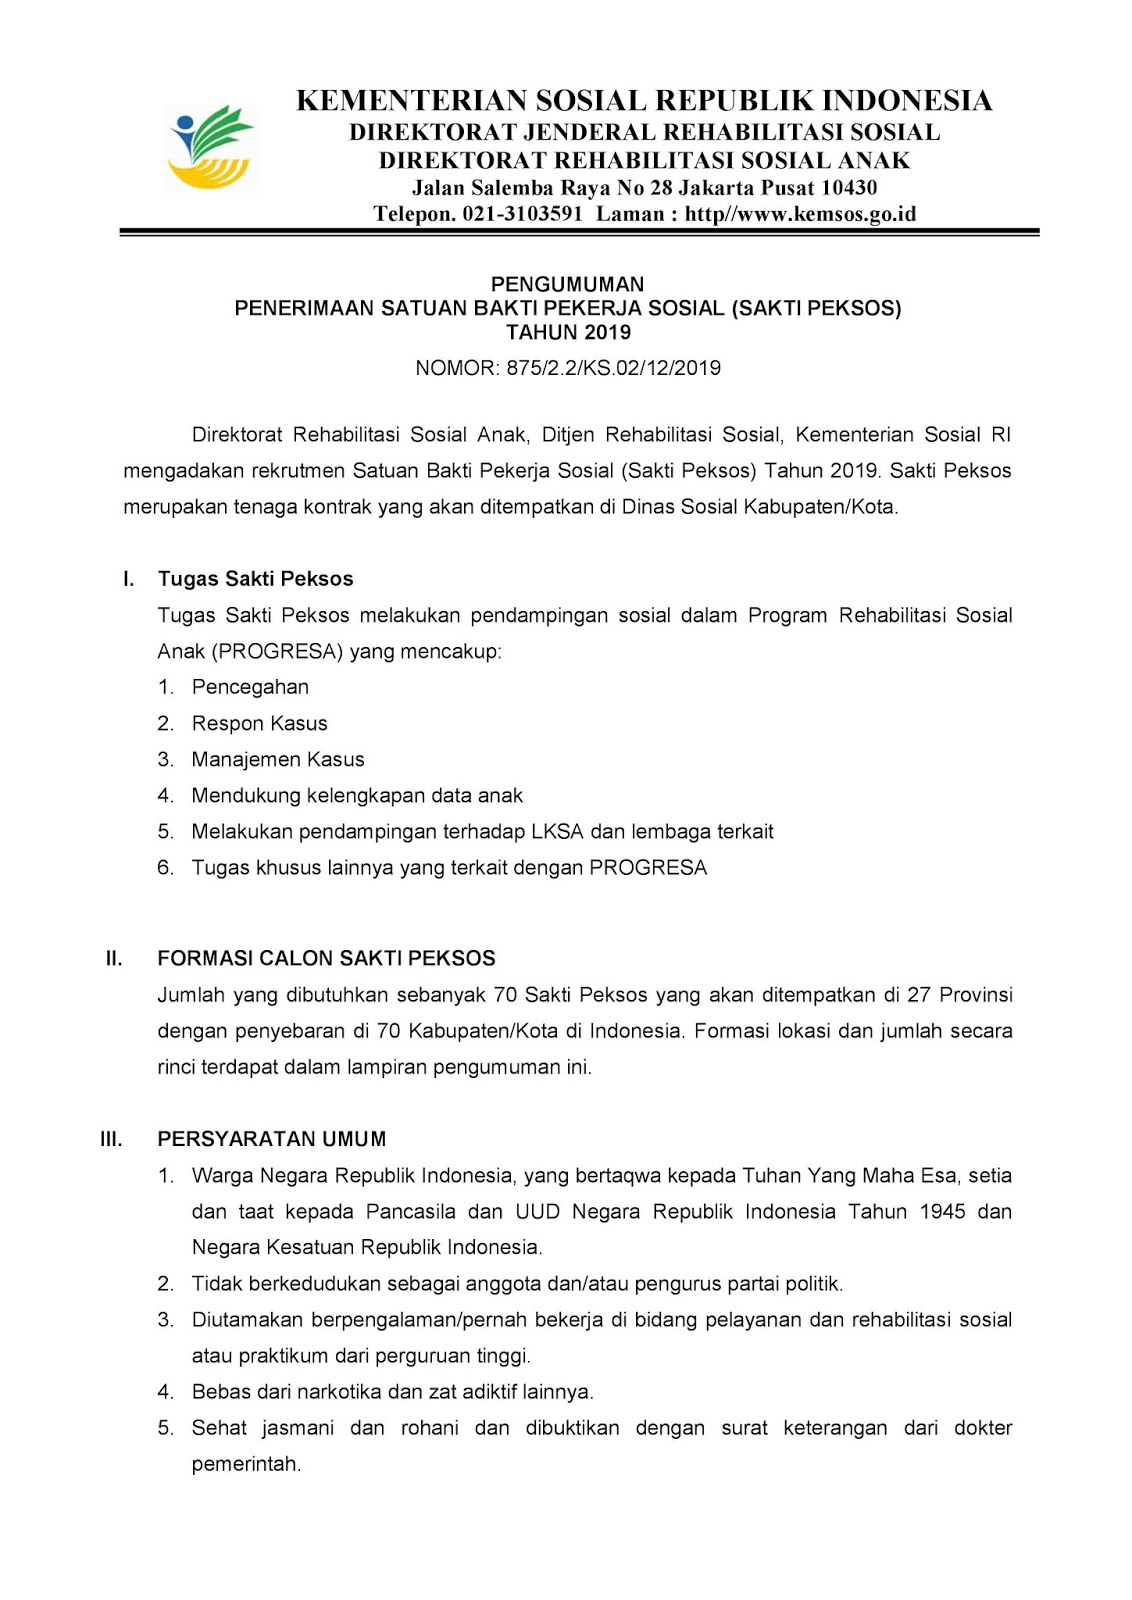 Lowongan Kerja Sakti Peksos Kementerian Sosial Republik Indonesia Besar Besaran [70 Formasi]